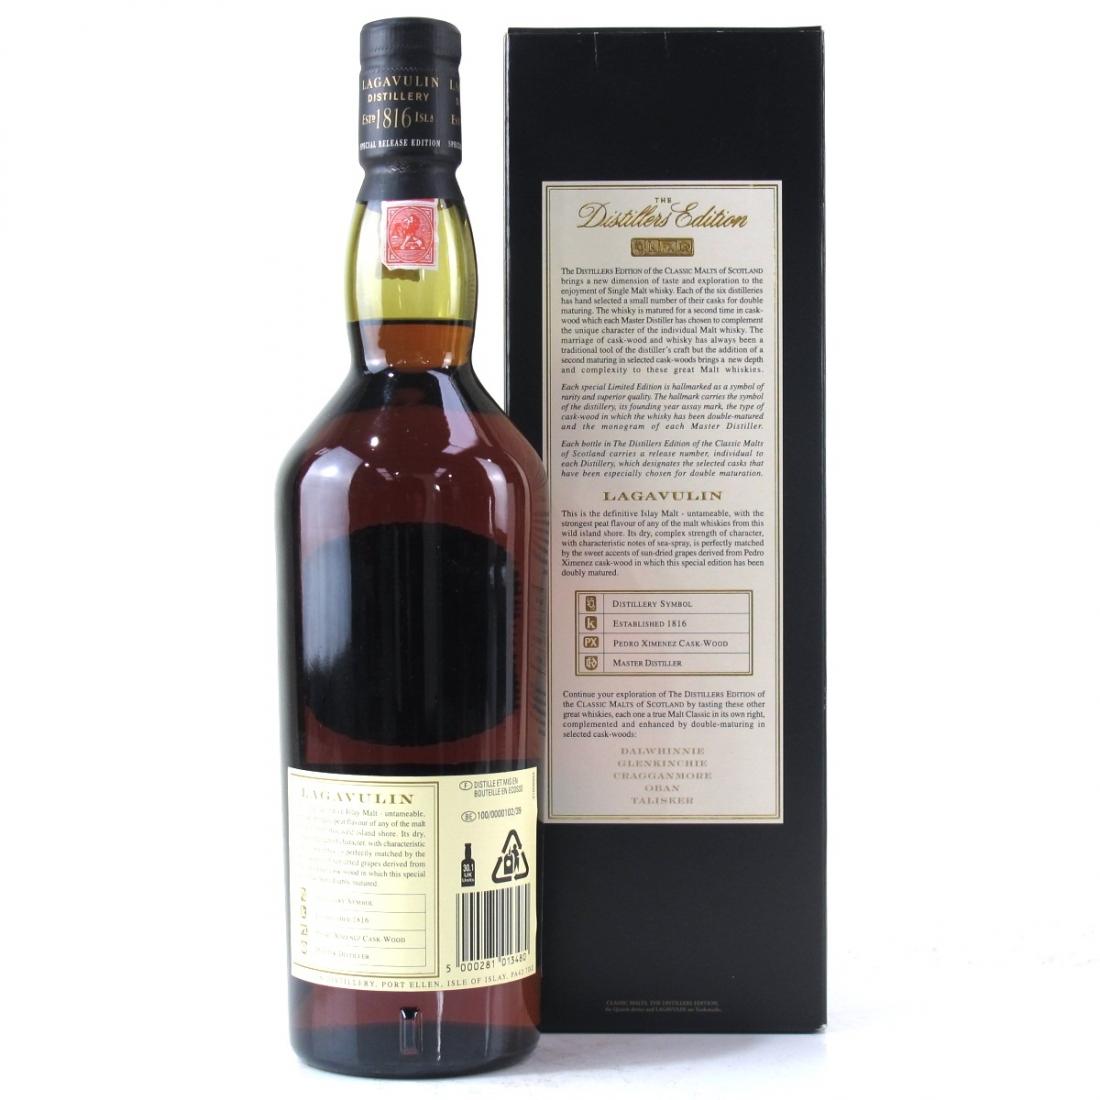 Lagavulin 1989 Distillers Edition 2005